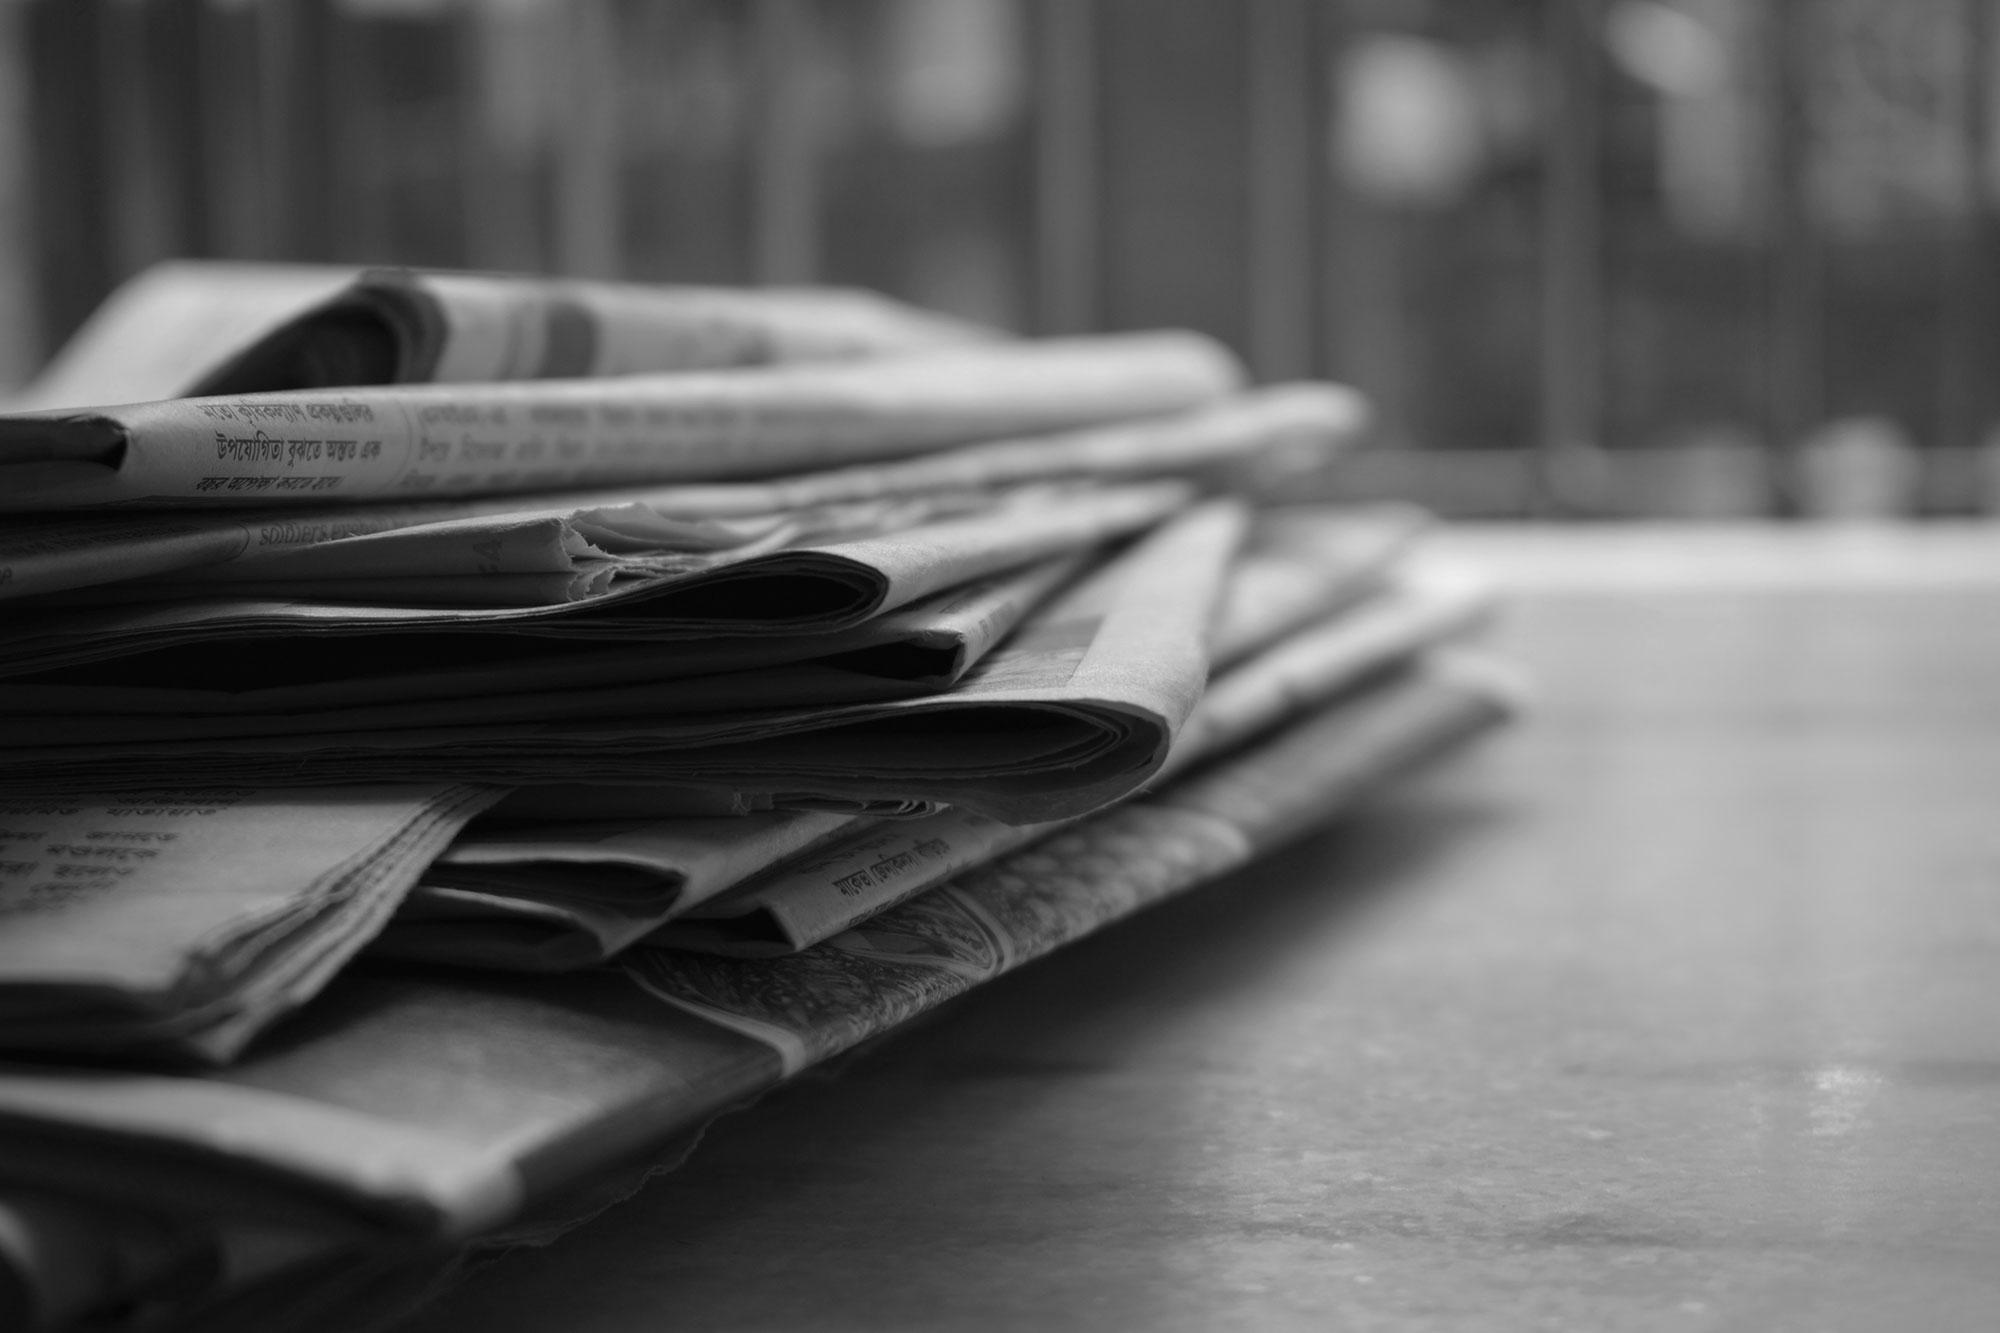 Gestapelte Zeitungen auf Tisch